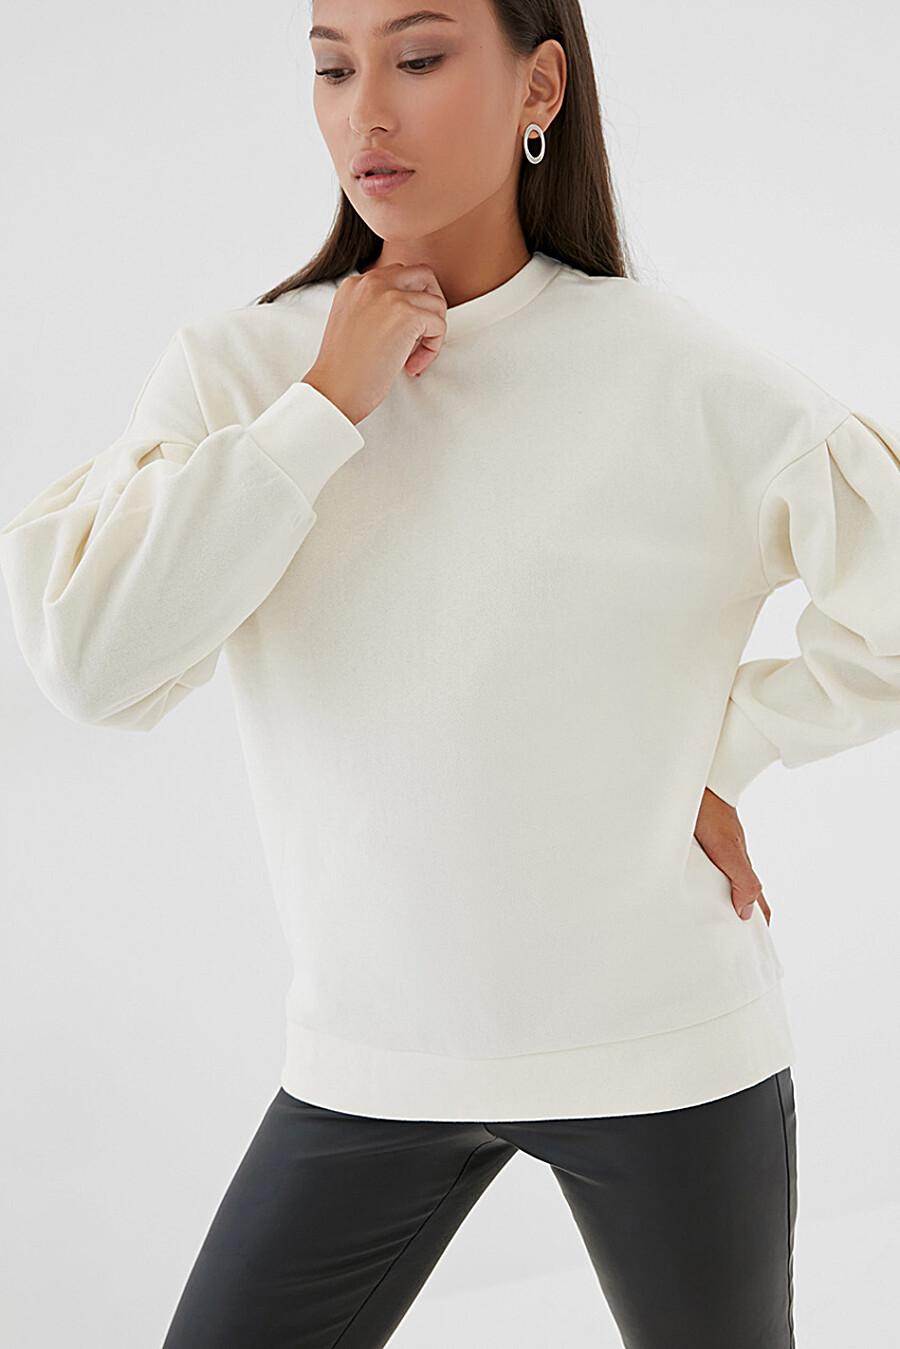 Джемпер для женщин ZARINA 261176 купить оптом от производителя. Совместная покупка женской одежды в OptMoyo